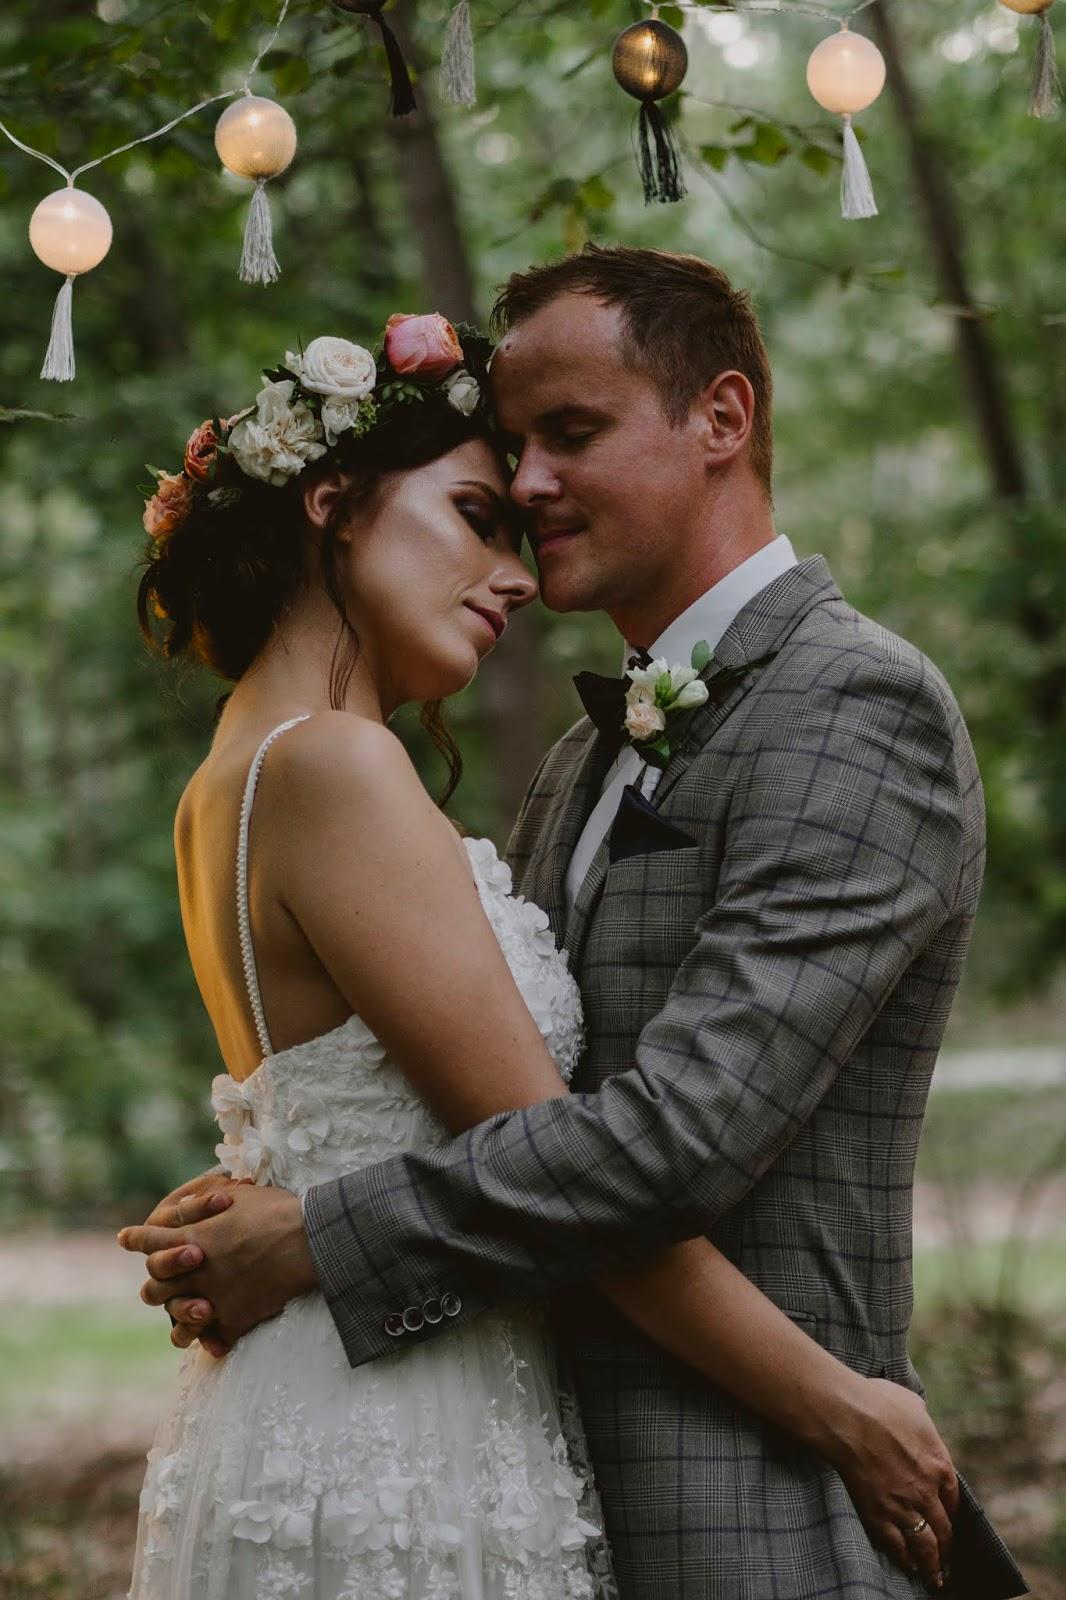 Sesja ślubna karina paweł las w lesie miłość blog modowy kazimierz dolny mięćmierz leśna brama sesja boho rustykalna suknia 3d koronka panna młoda pan młody